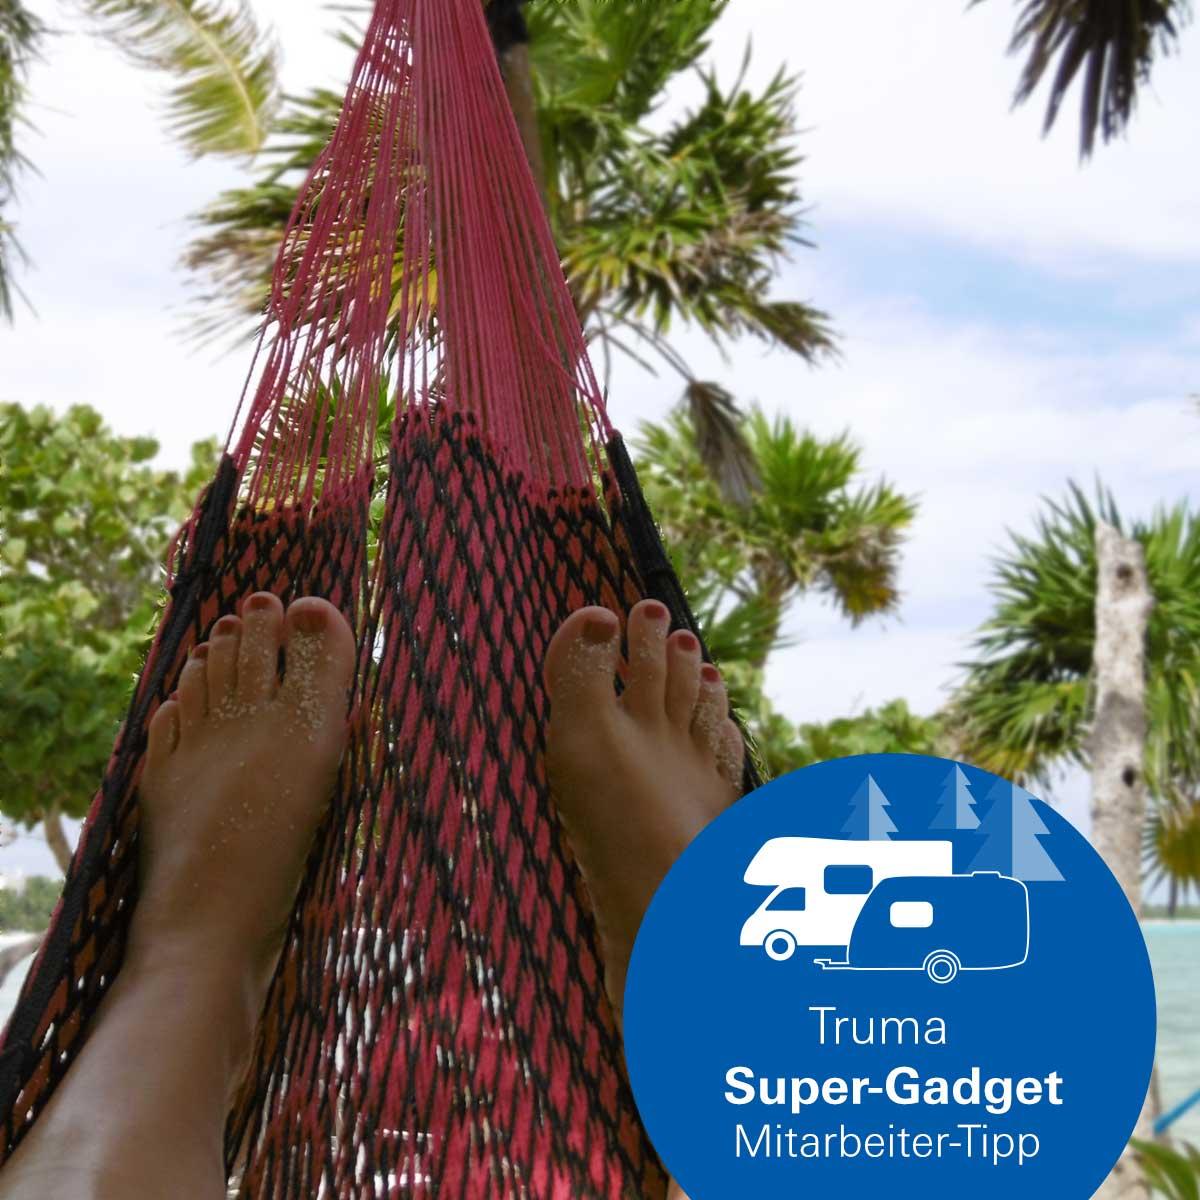 Truma Super-Gadget hammock